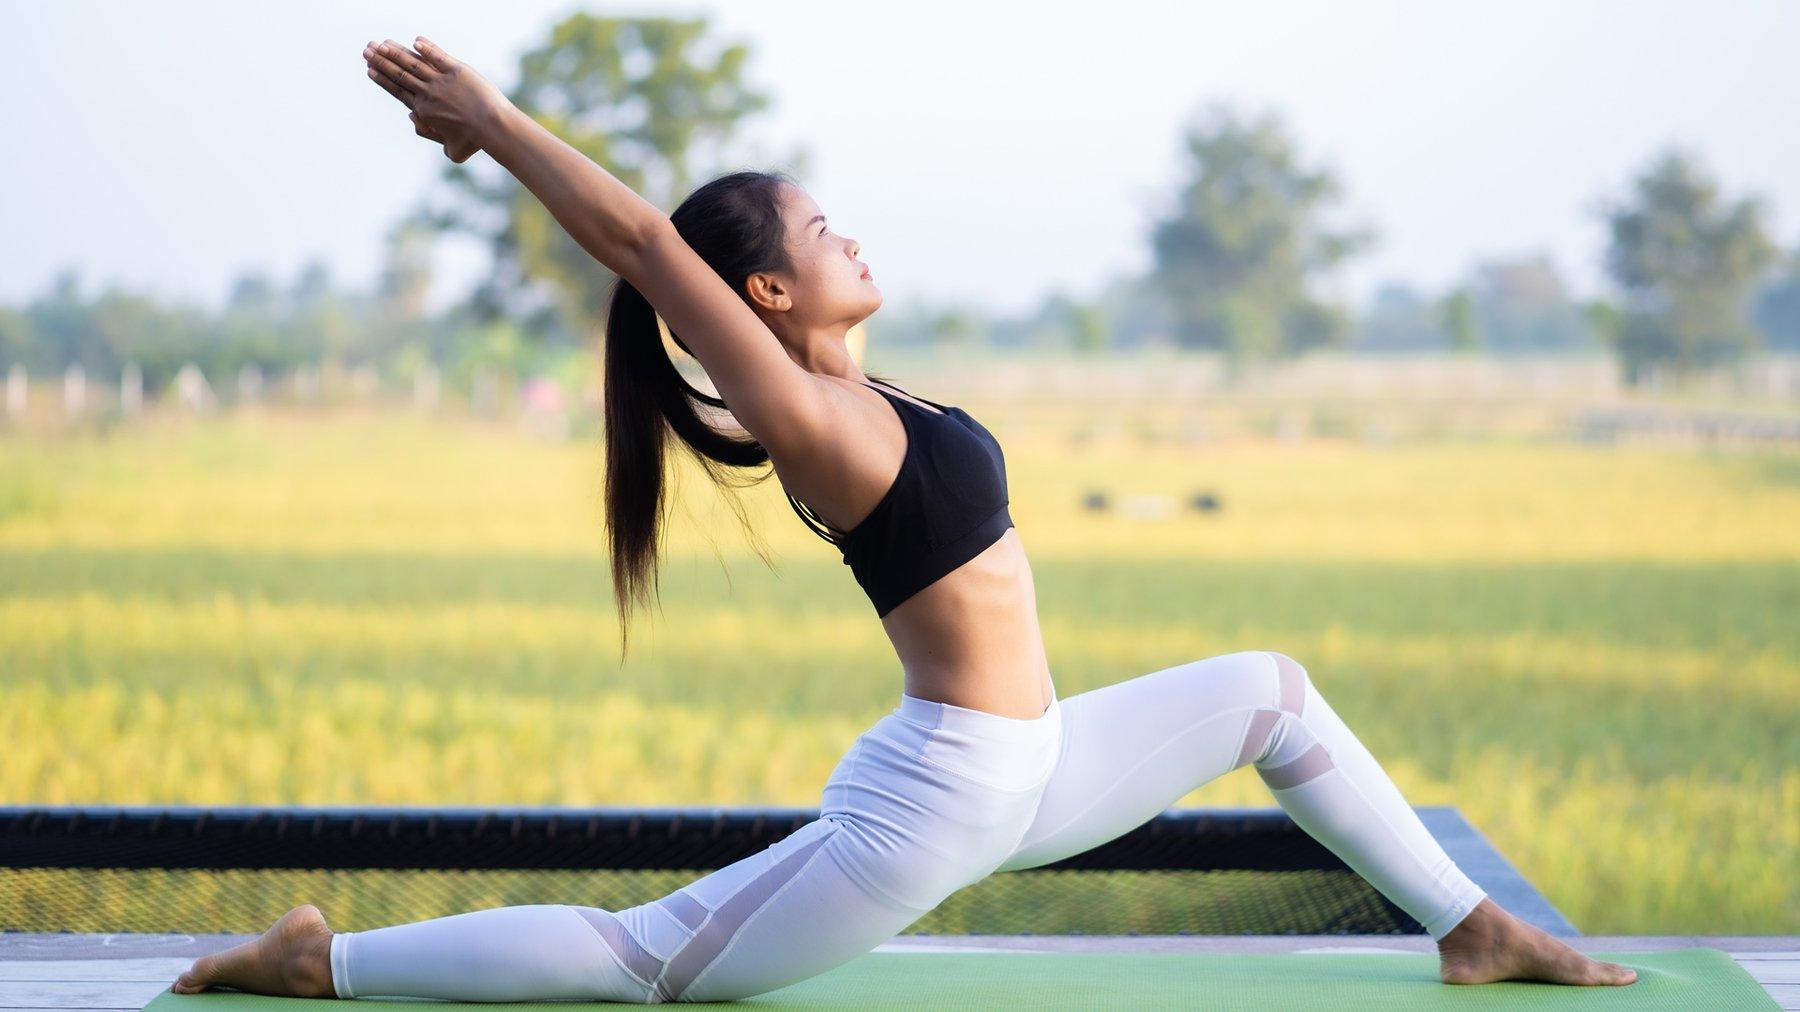 Khóa học Yoga tại Đà Nẵng chất lượng